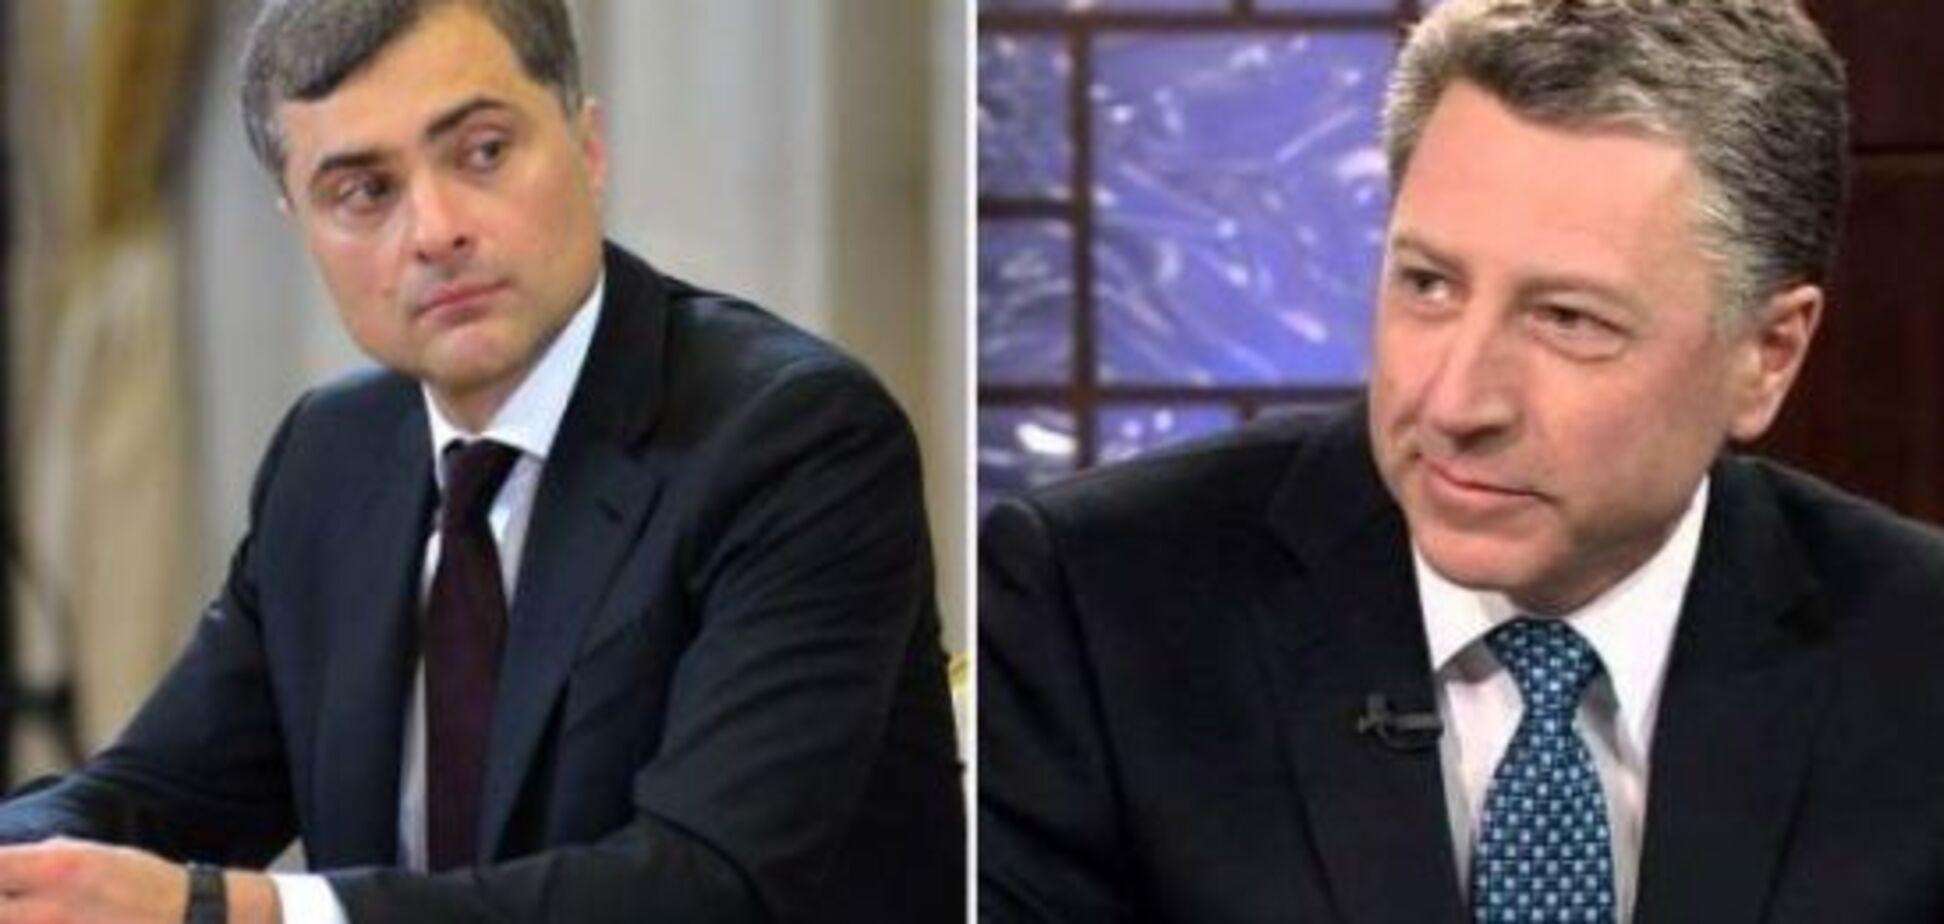 Розрахунки Кремля: чому Волкер і Сурков зустрічаються у Белграді?